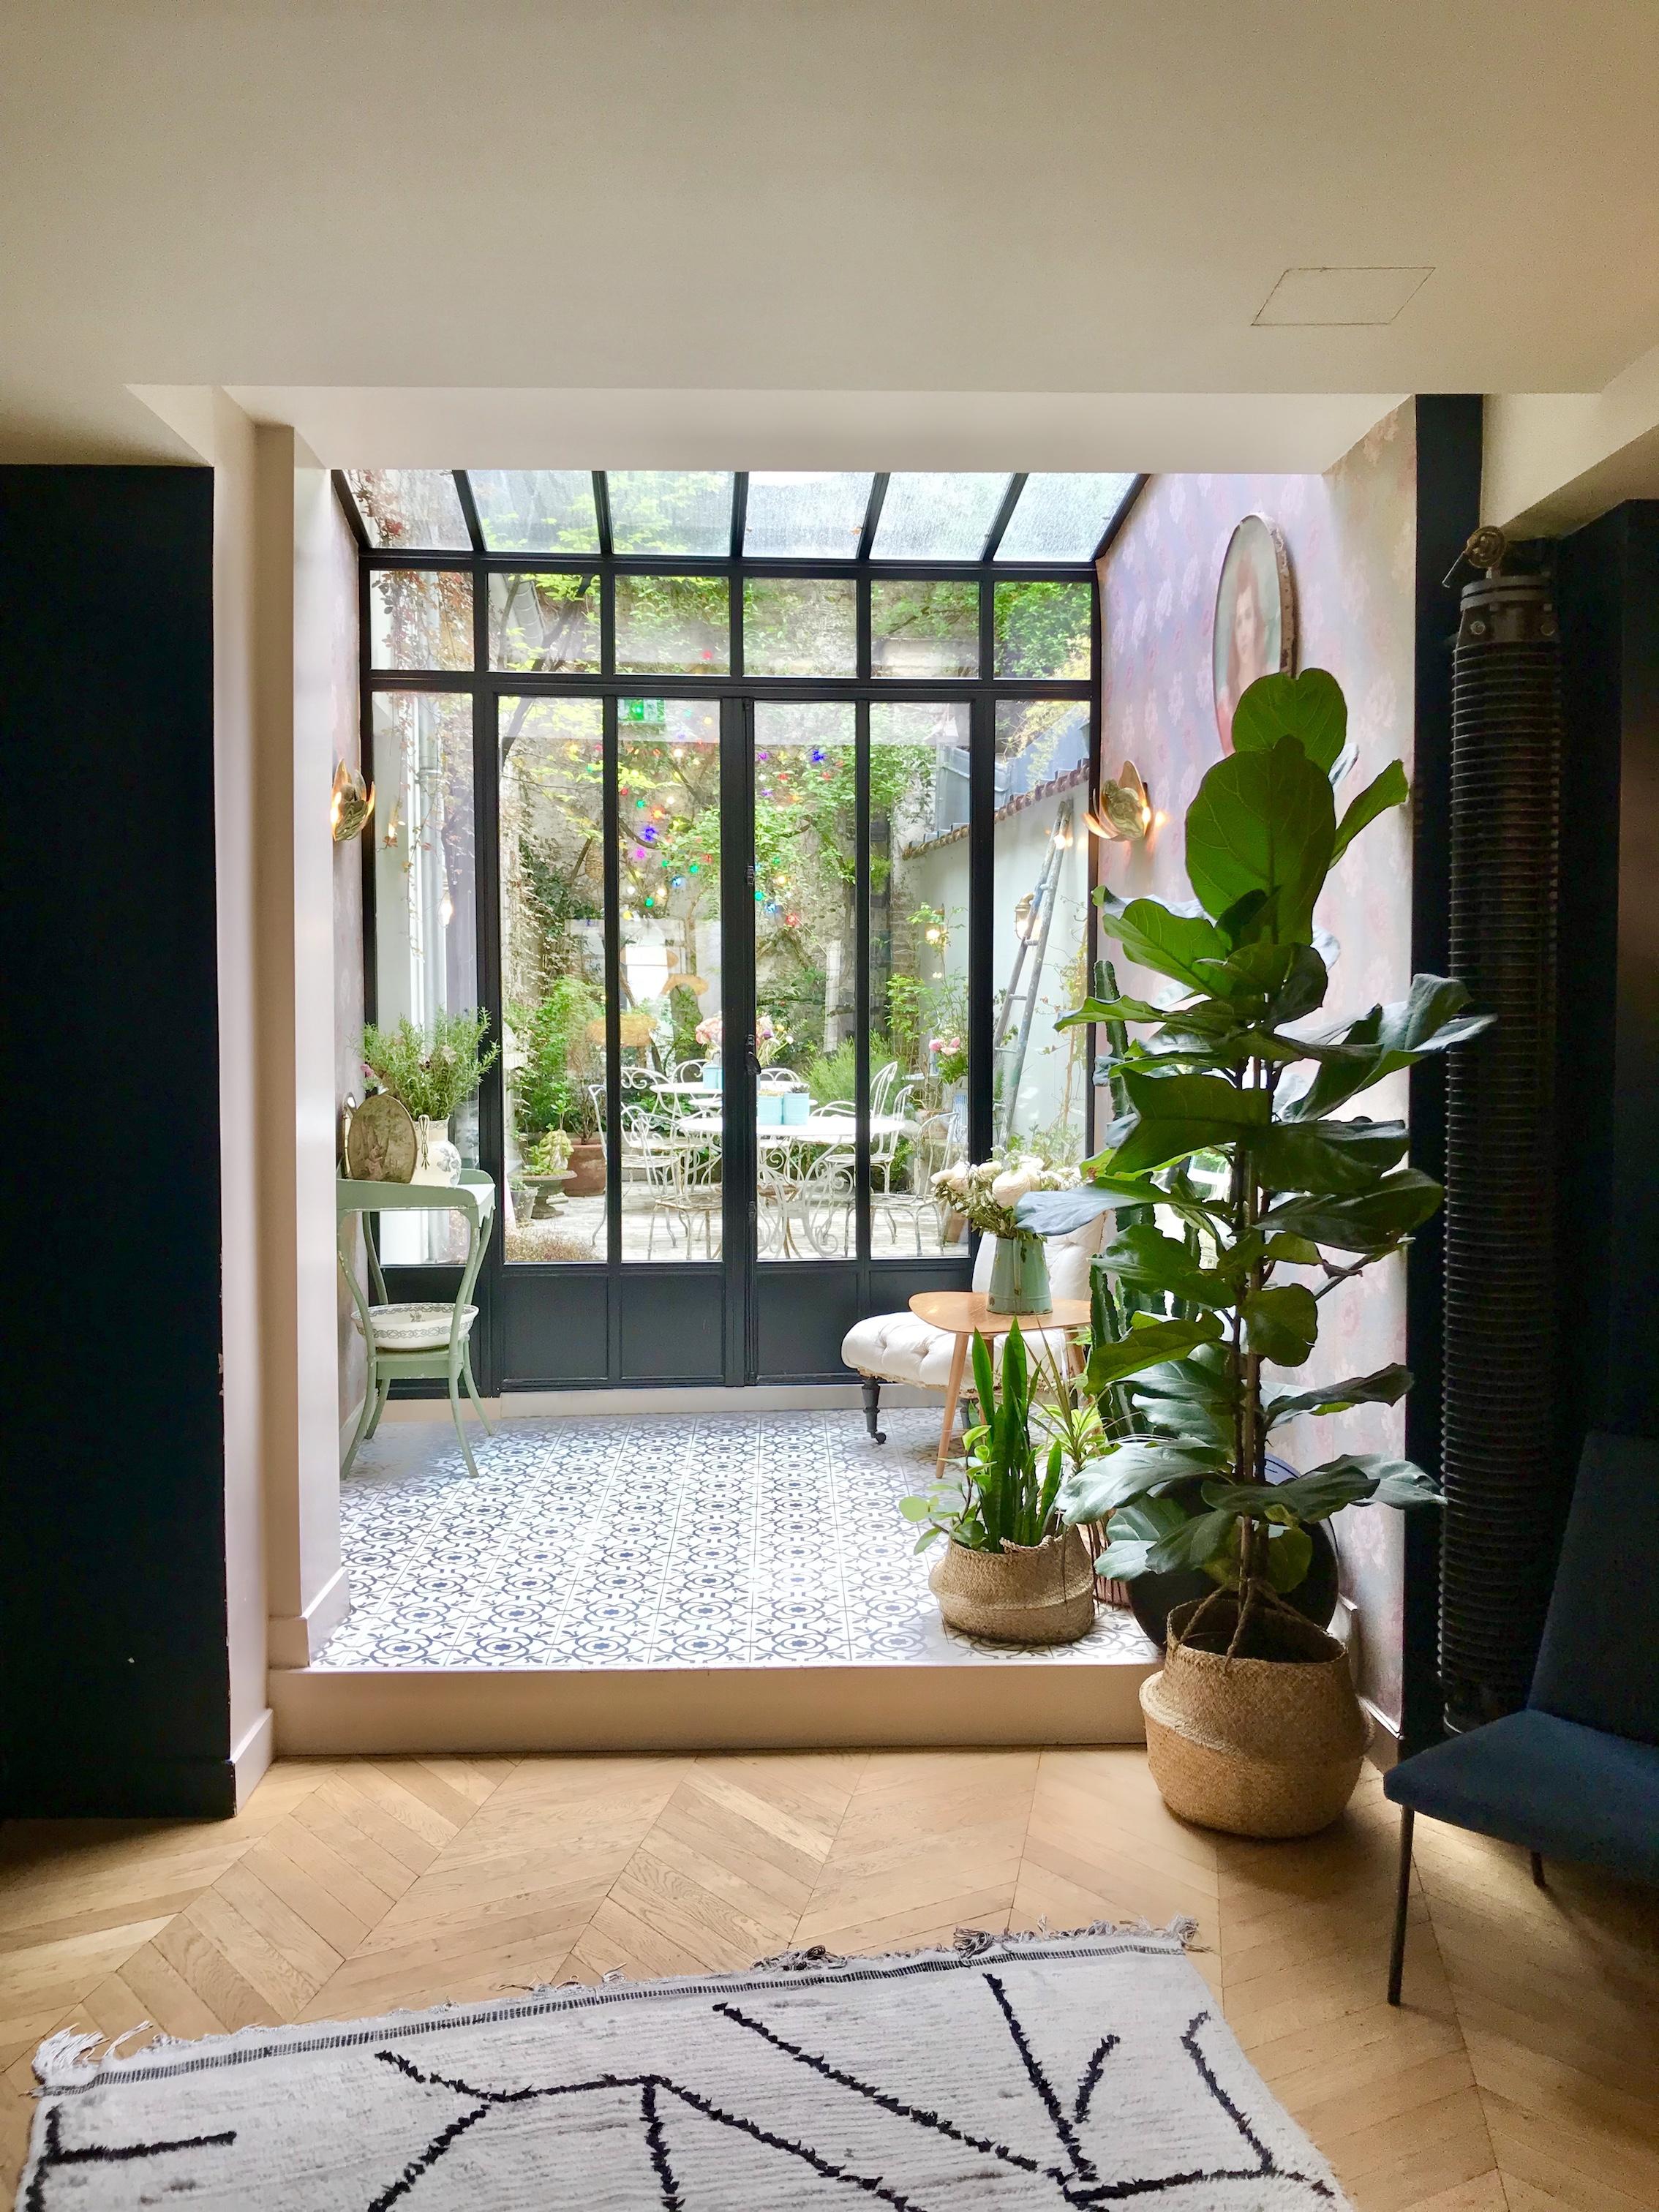 Hotel Henriette paris boutique hotel review